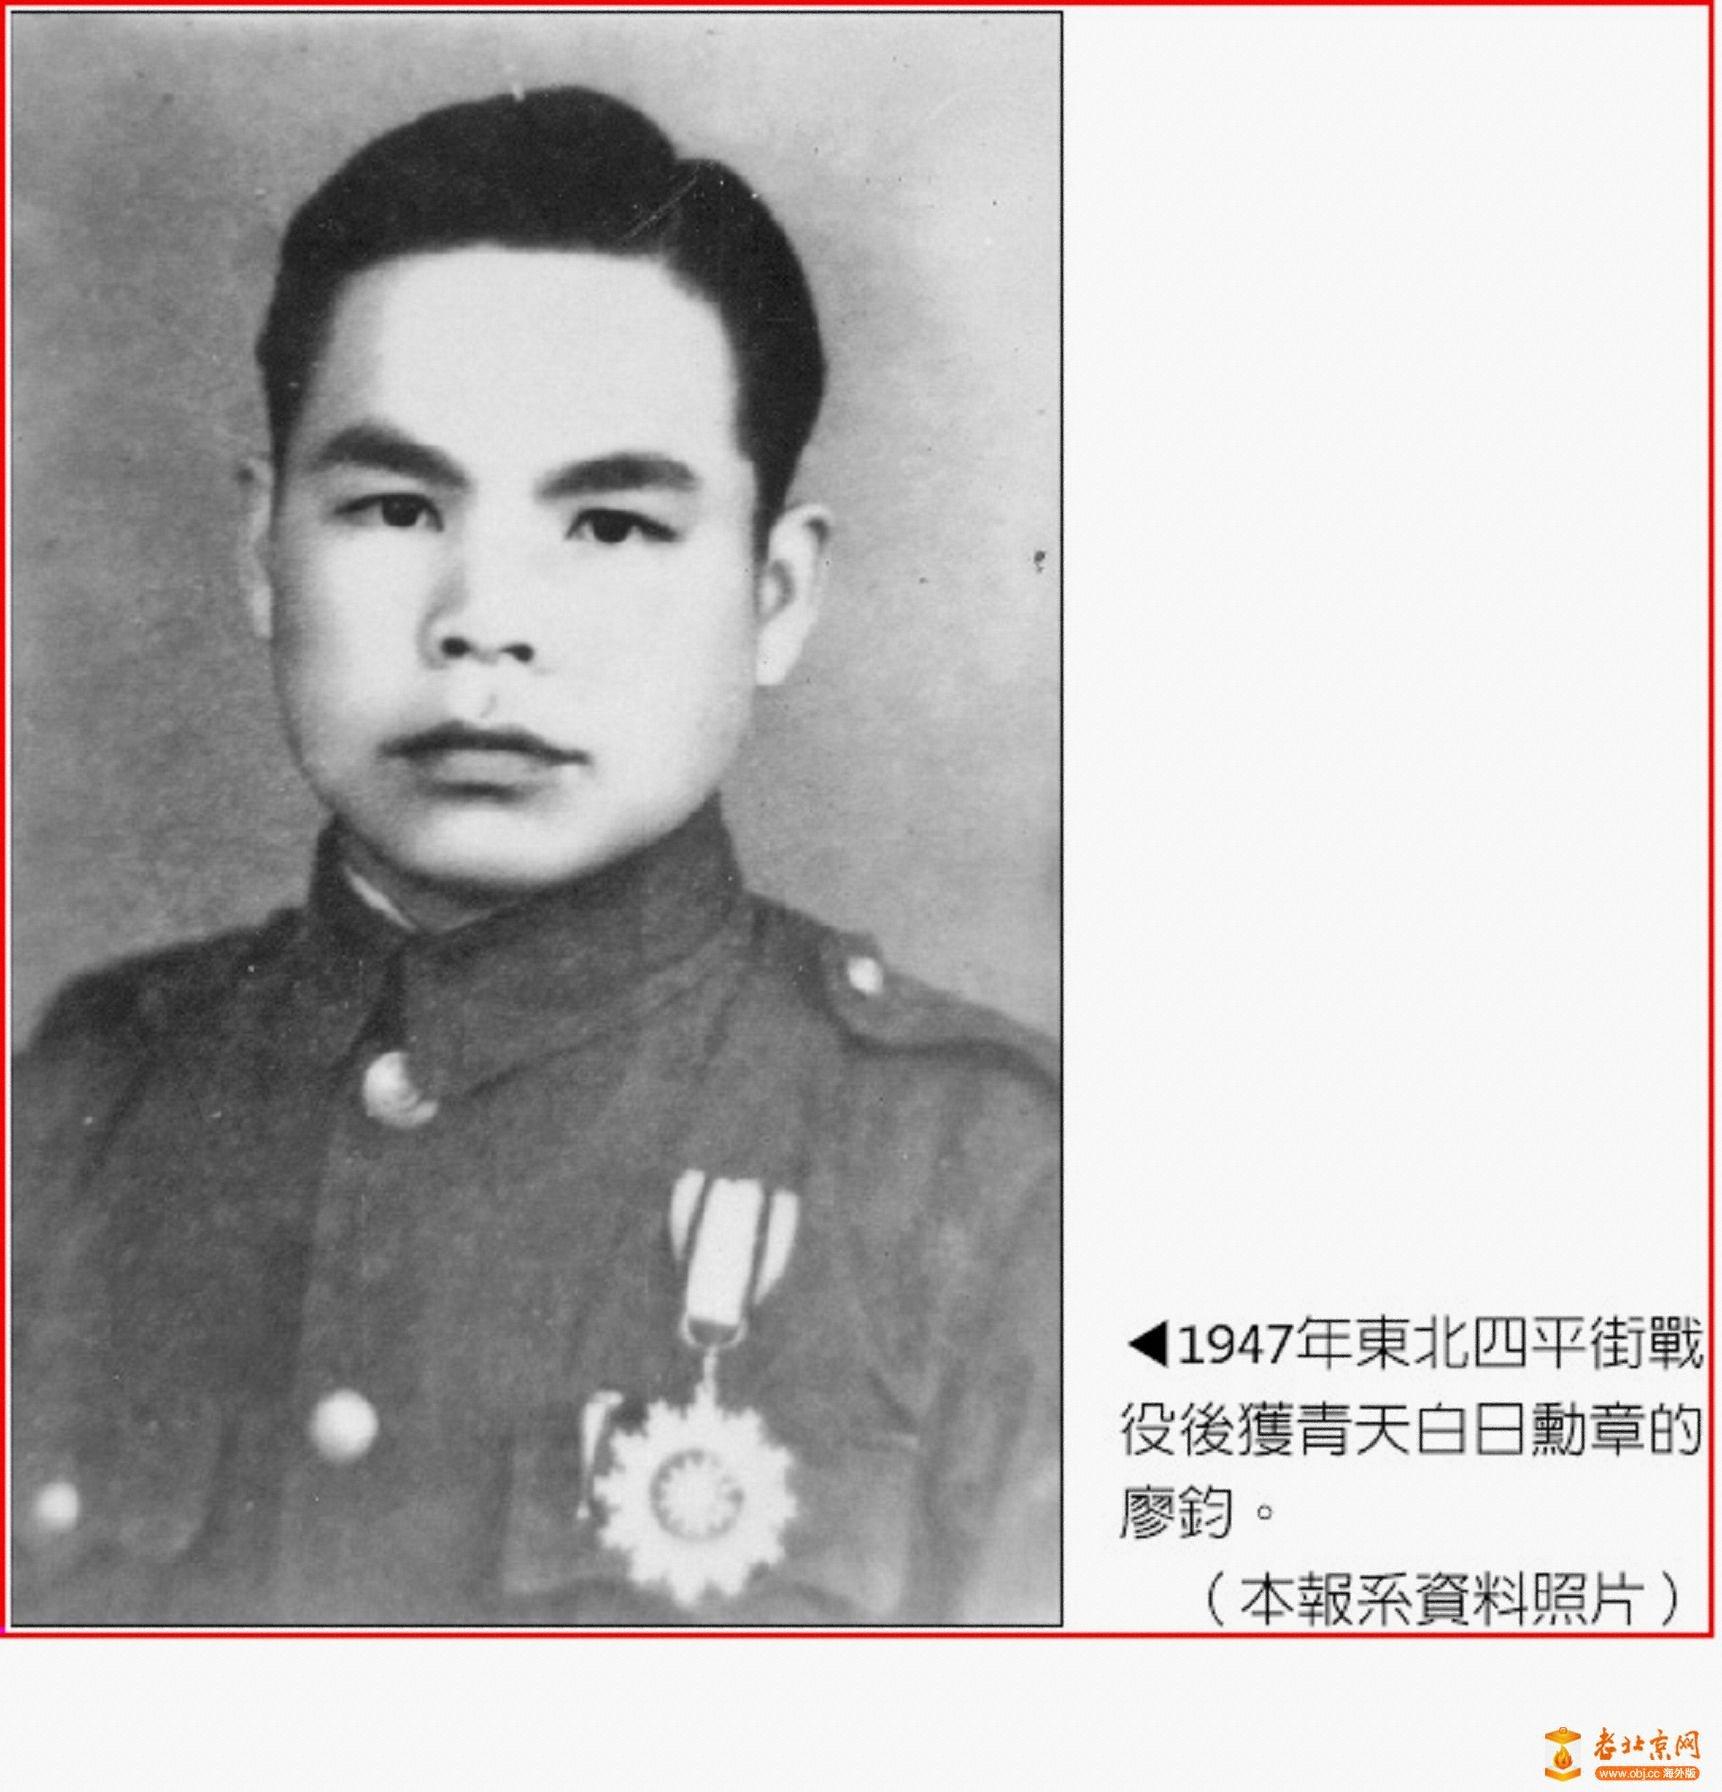 青天白日勋章的故事  亏欠抗战老兵的勋章(之八)